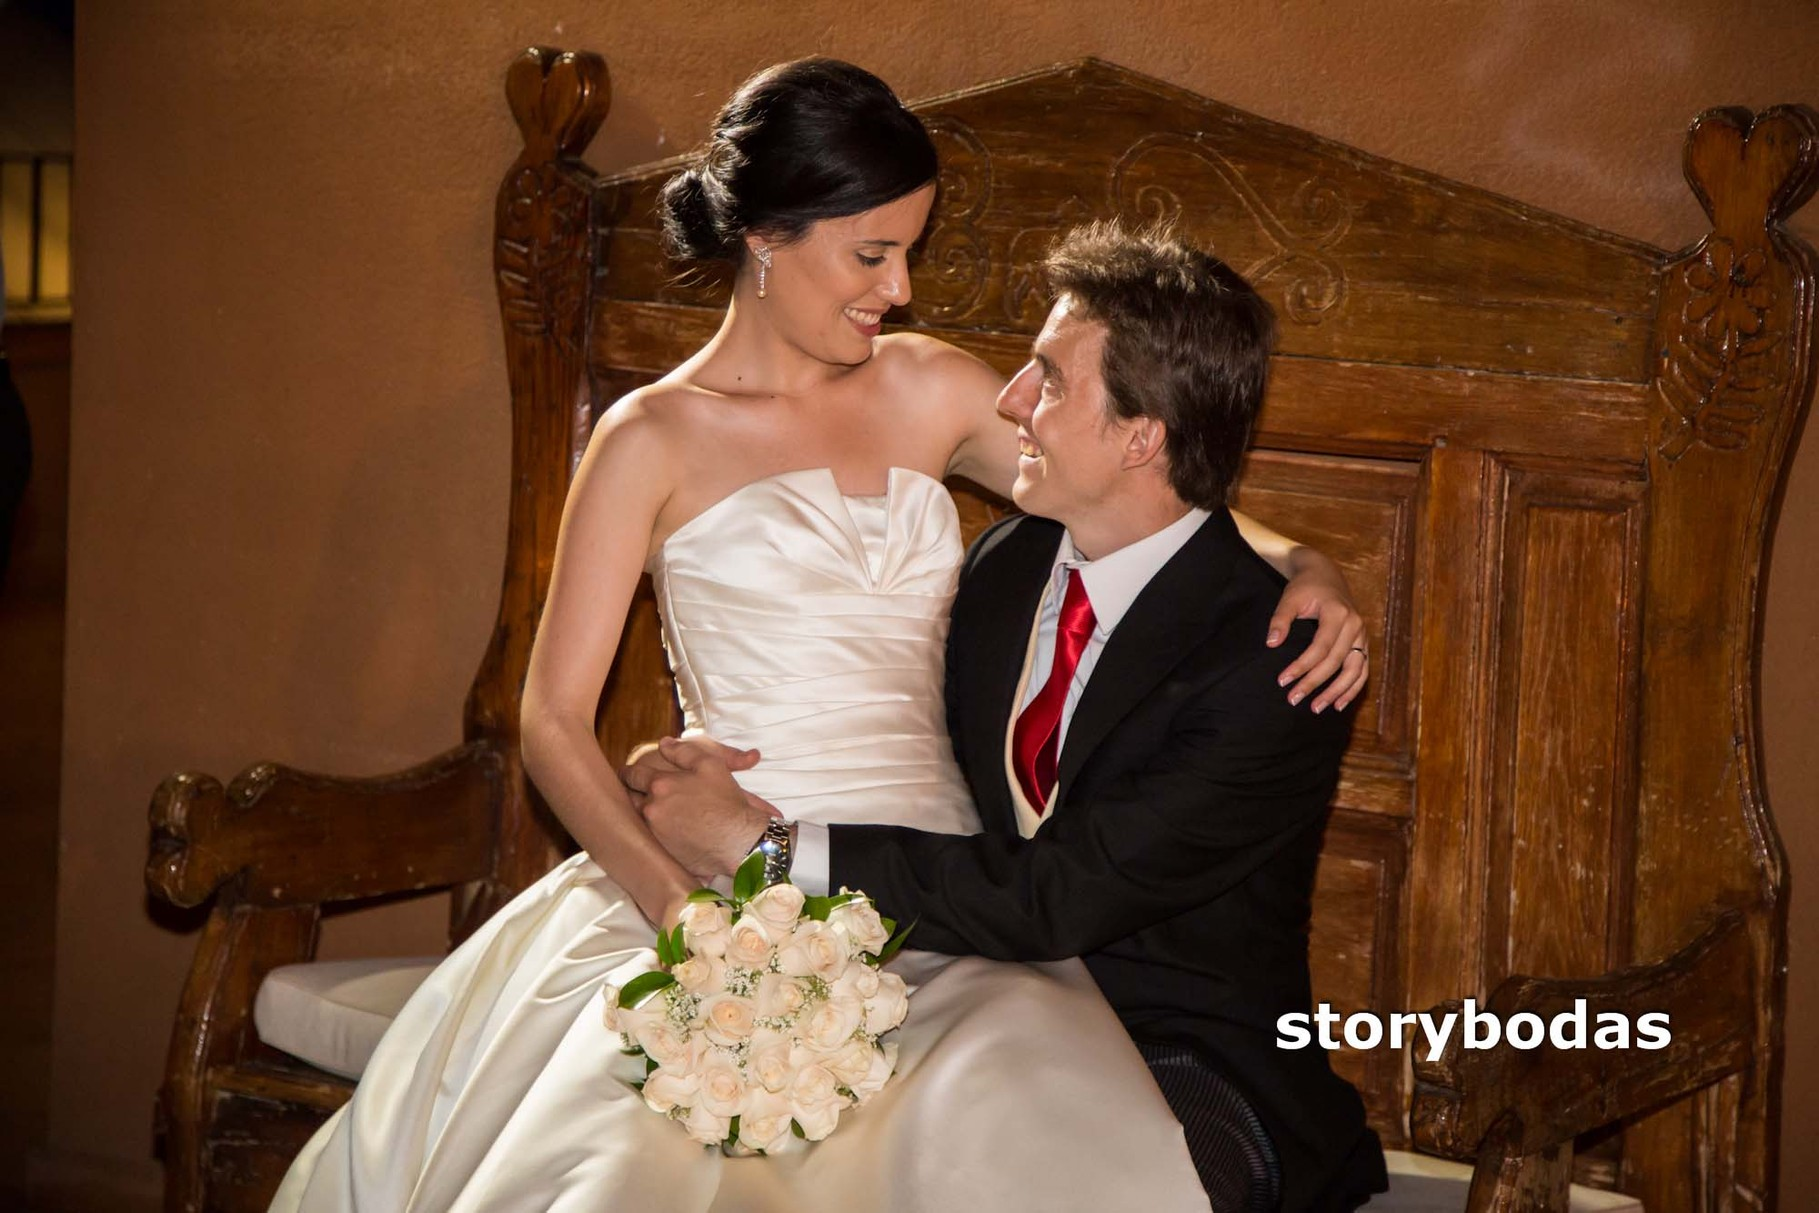 storybodas Fotos de pose novios boda 7